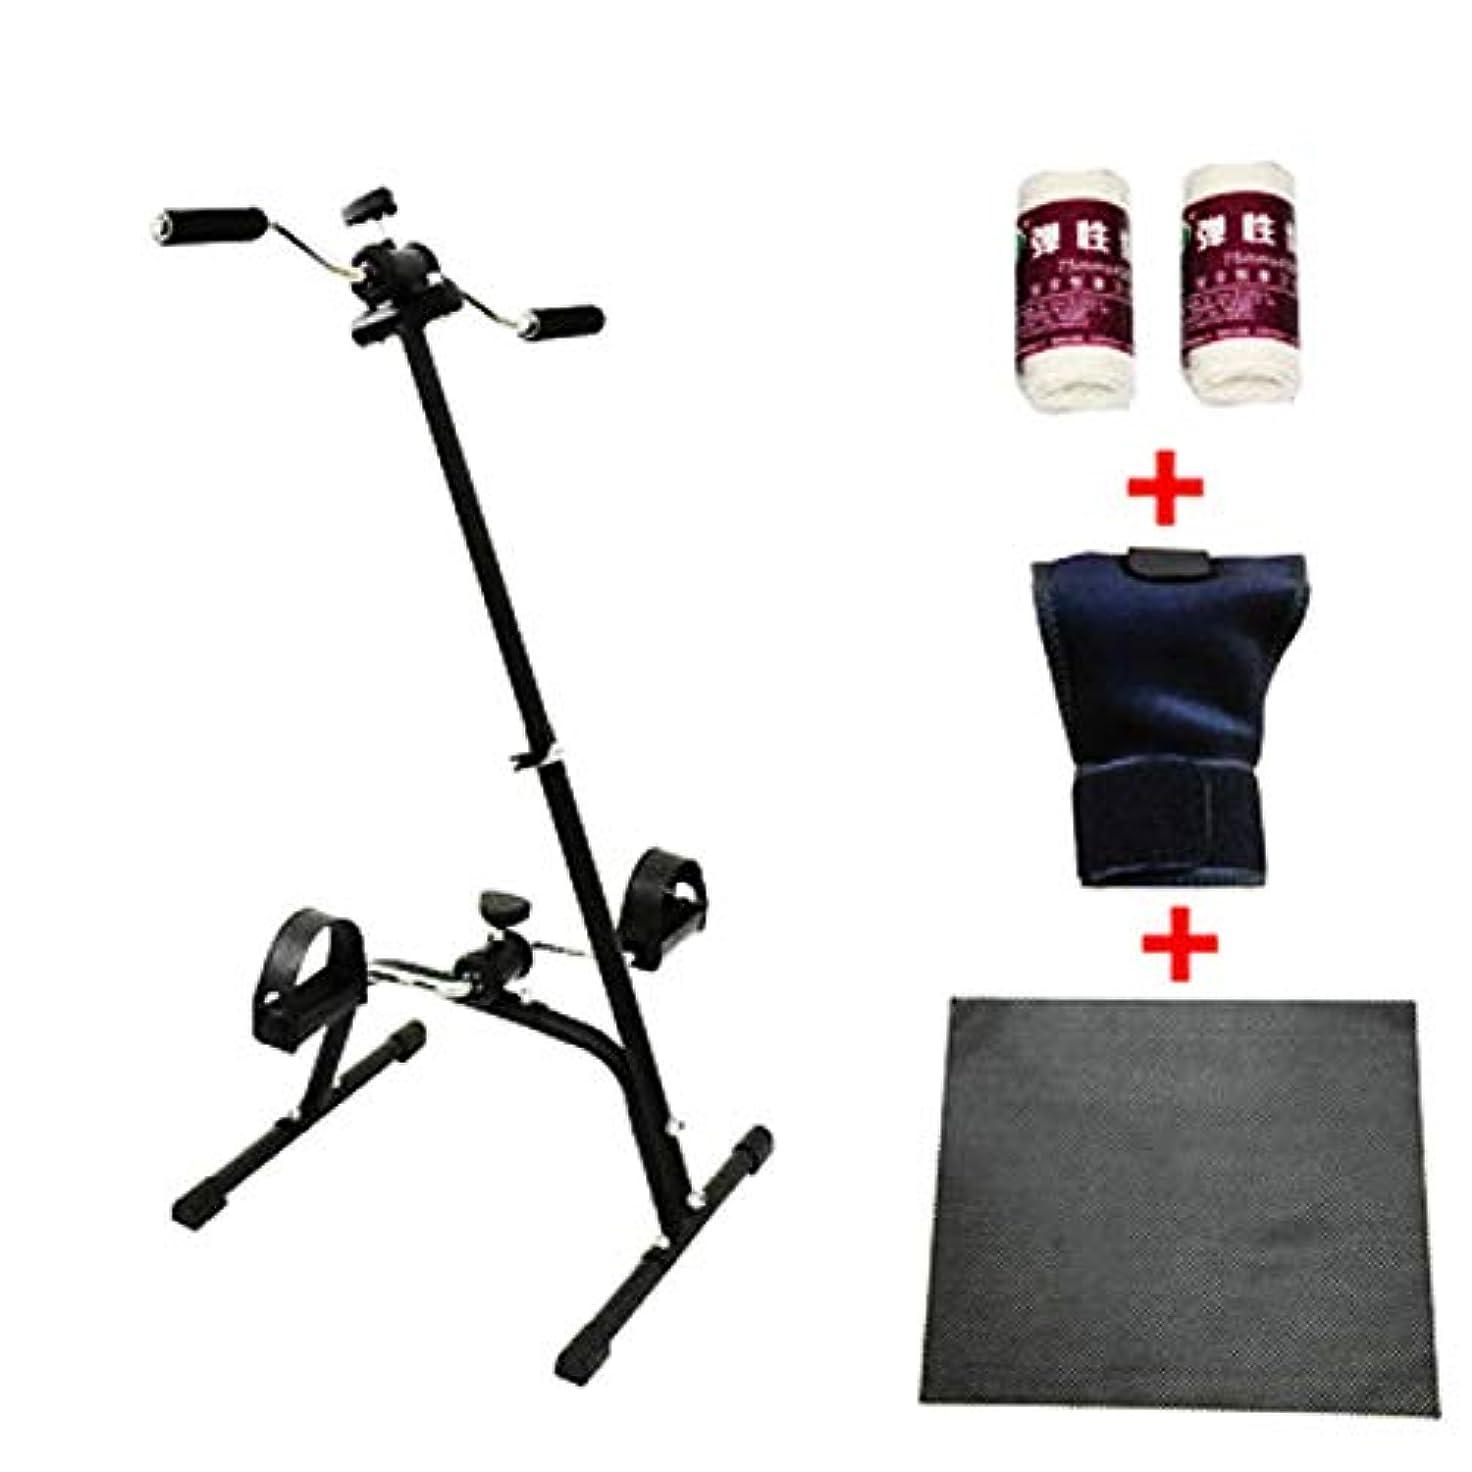 ホールド本部繁栄医療全身エクササイザー、ホームレッグアームペダルエクササイザー、上肢および下肢のトレーニング機器、カーディオフィットネストレーナー|ホームトレーナー|スピンエクササイズバイク,A